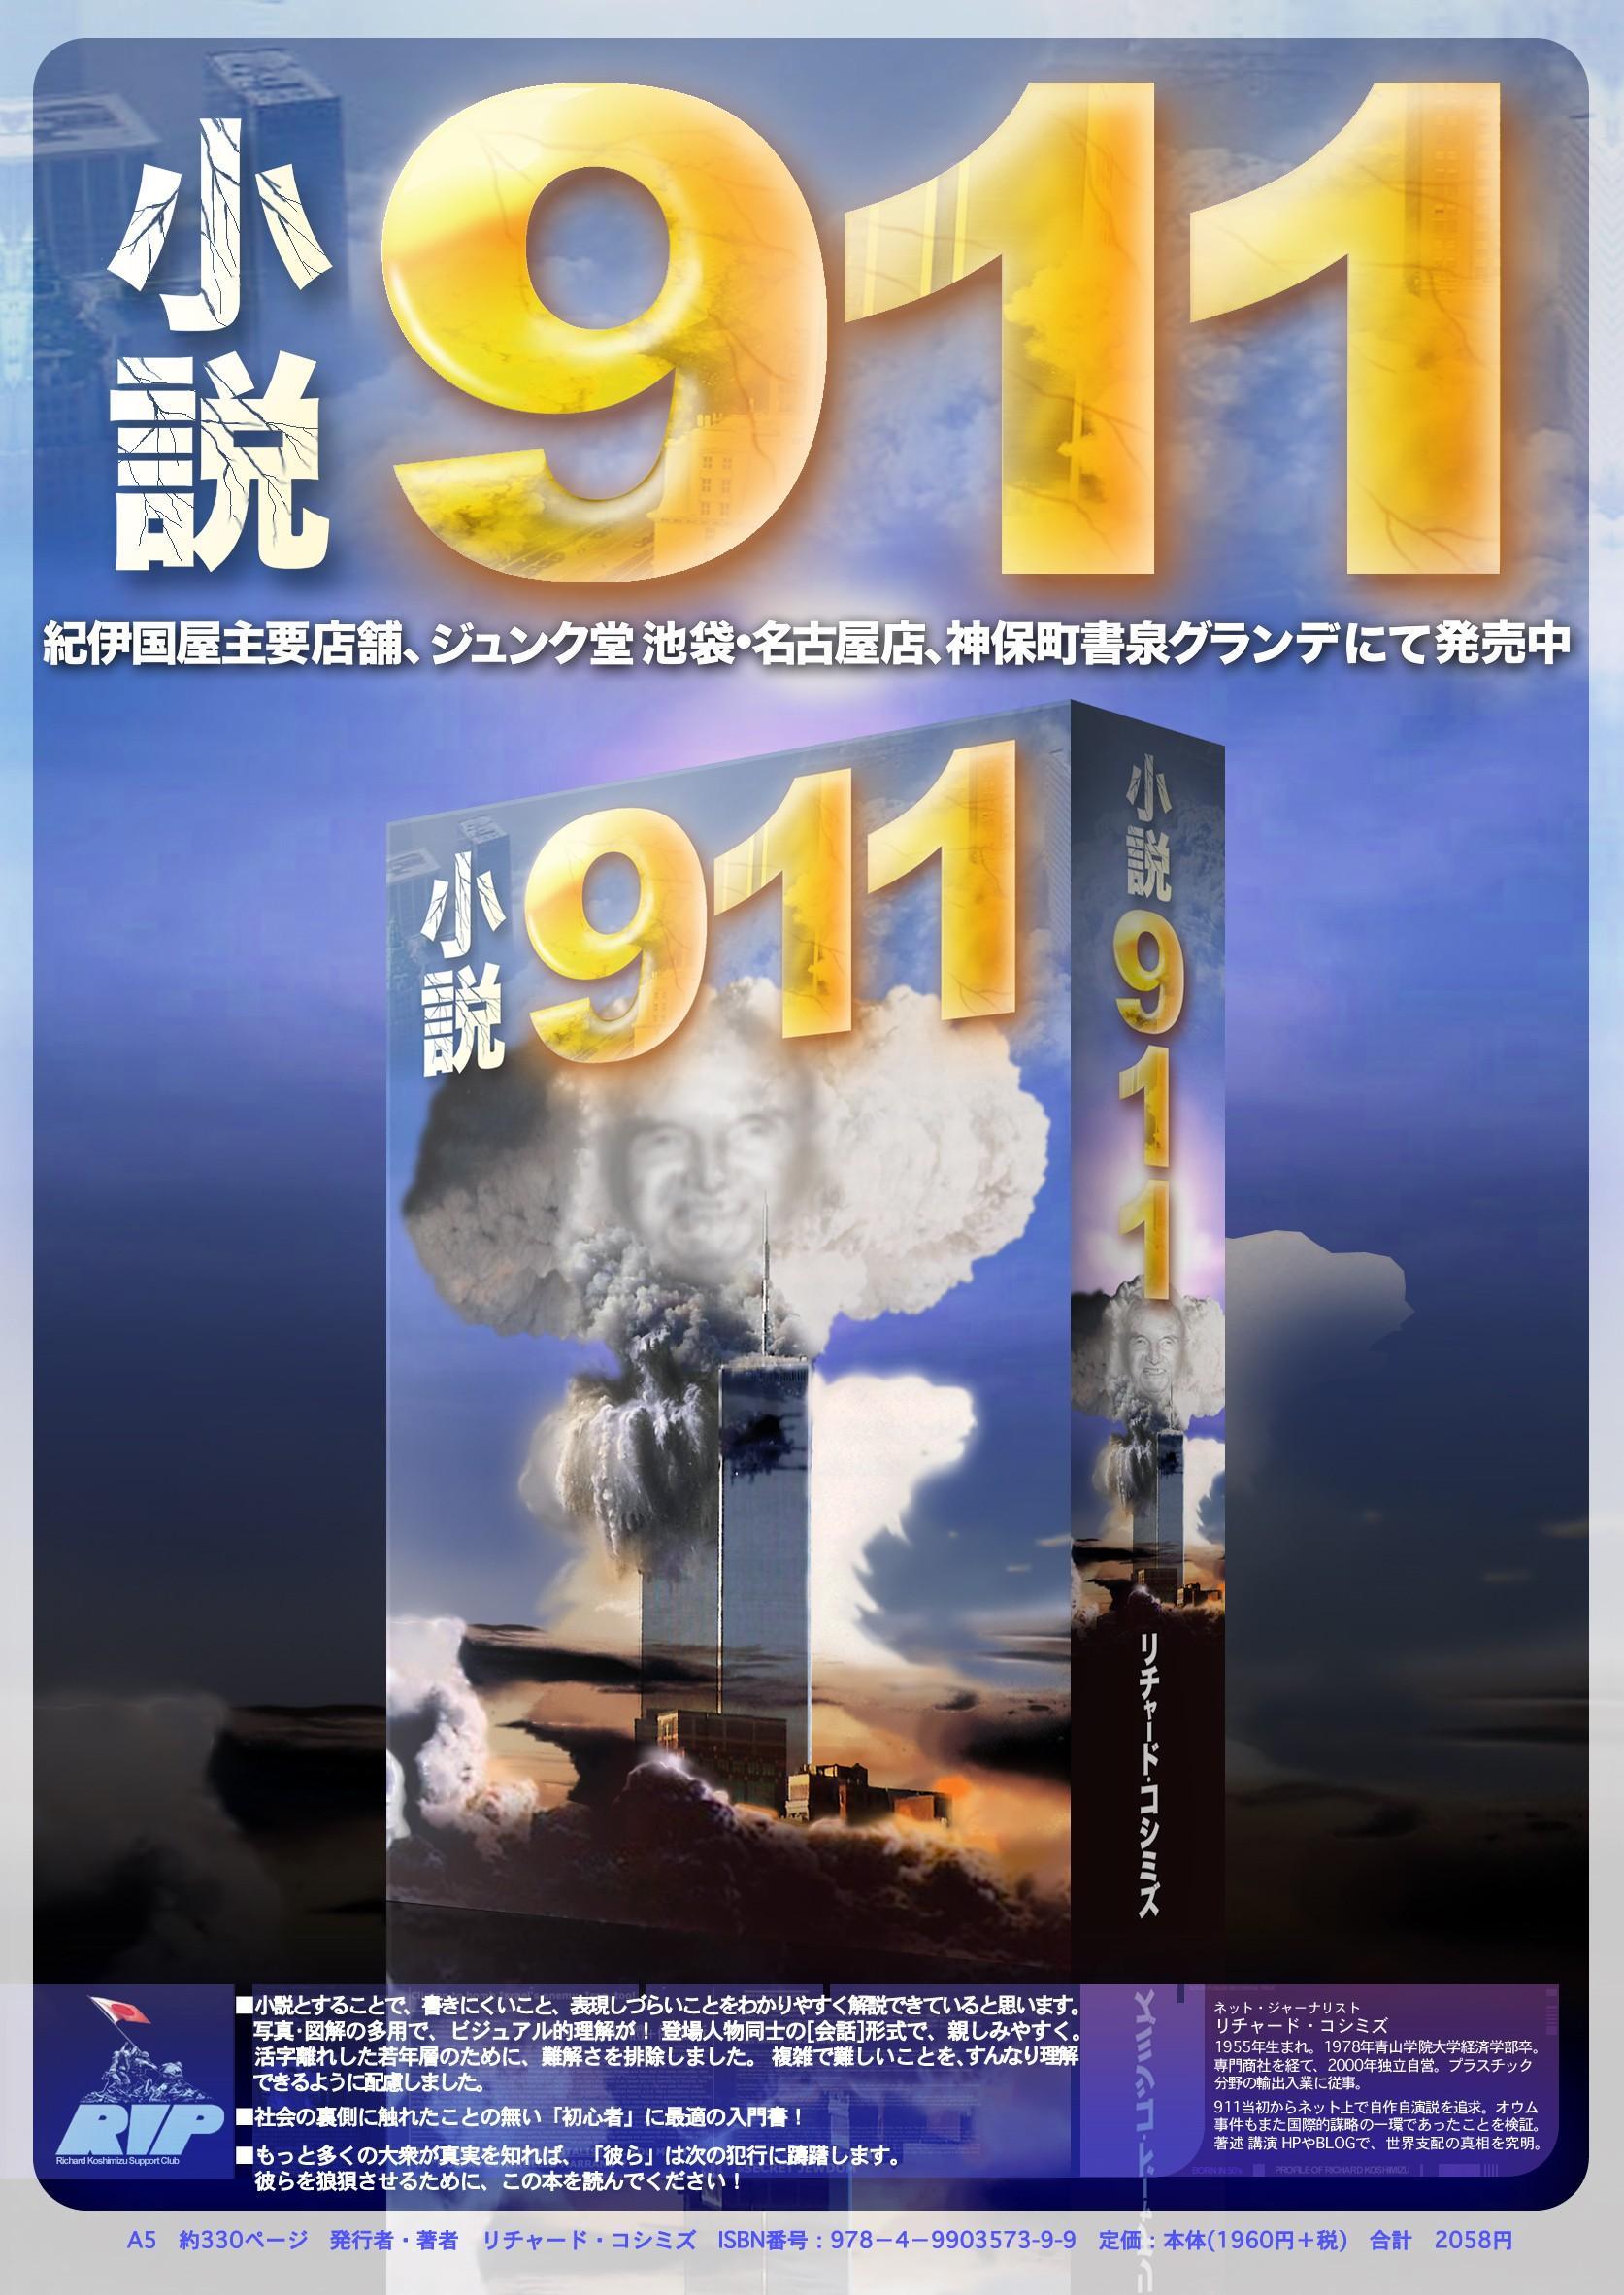 第五作「小説 911」配布について